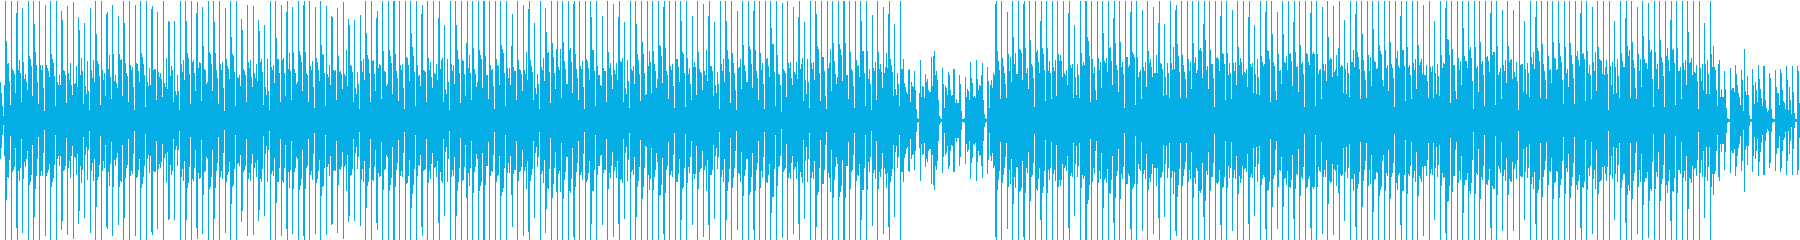 ゲーム配信・子供・オシャレ可愛い曲の再生済みの波形